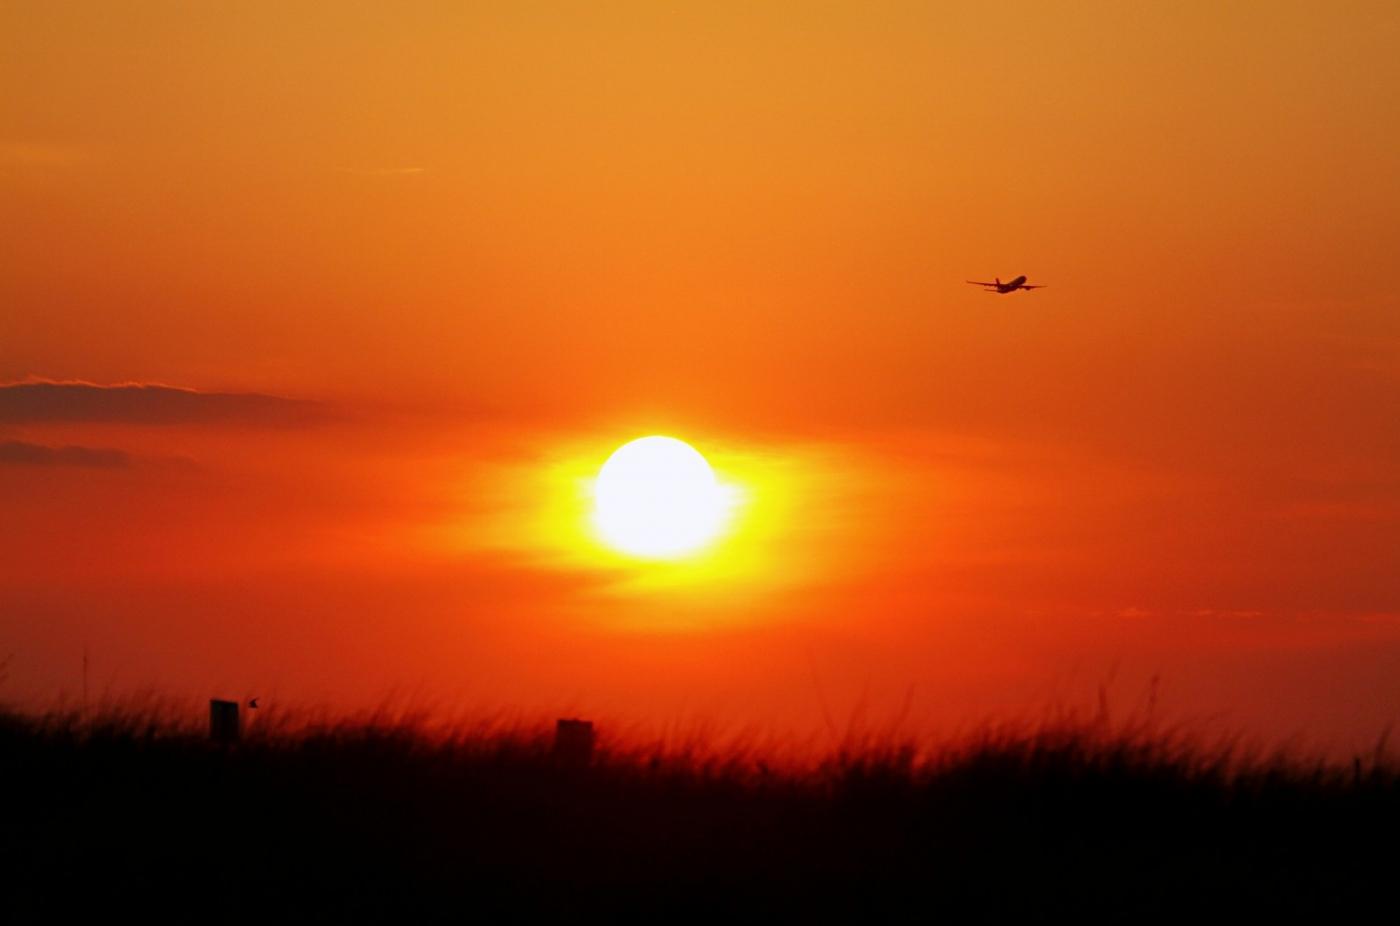 【田螺摄影】写长沙滩的日出日落_图1-7